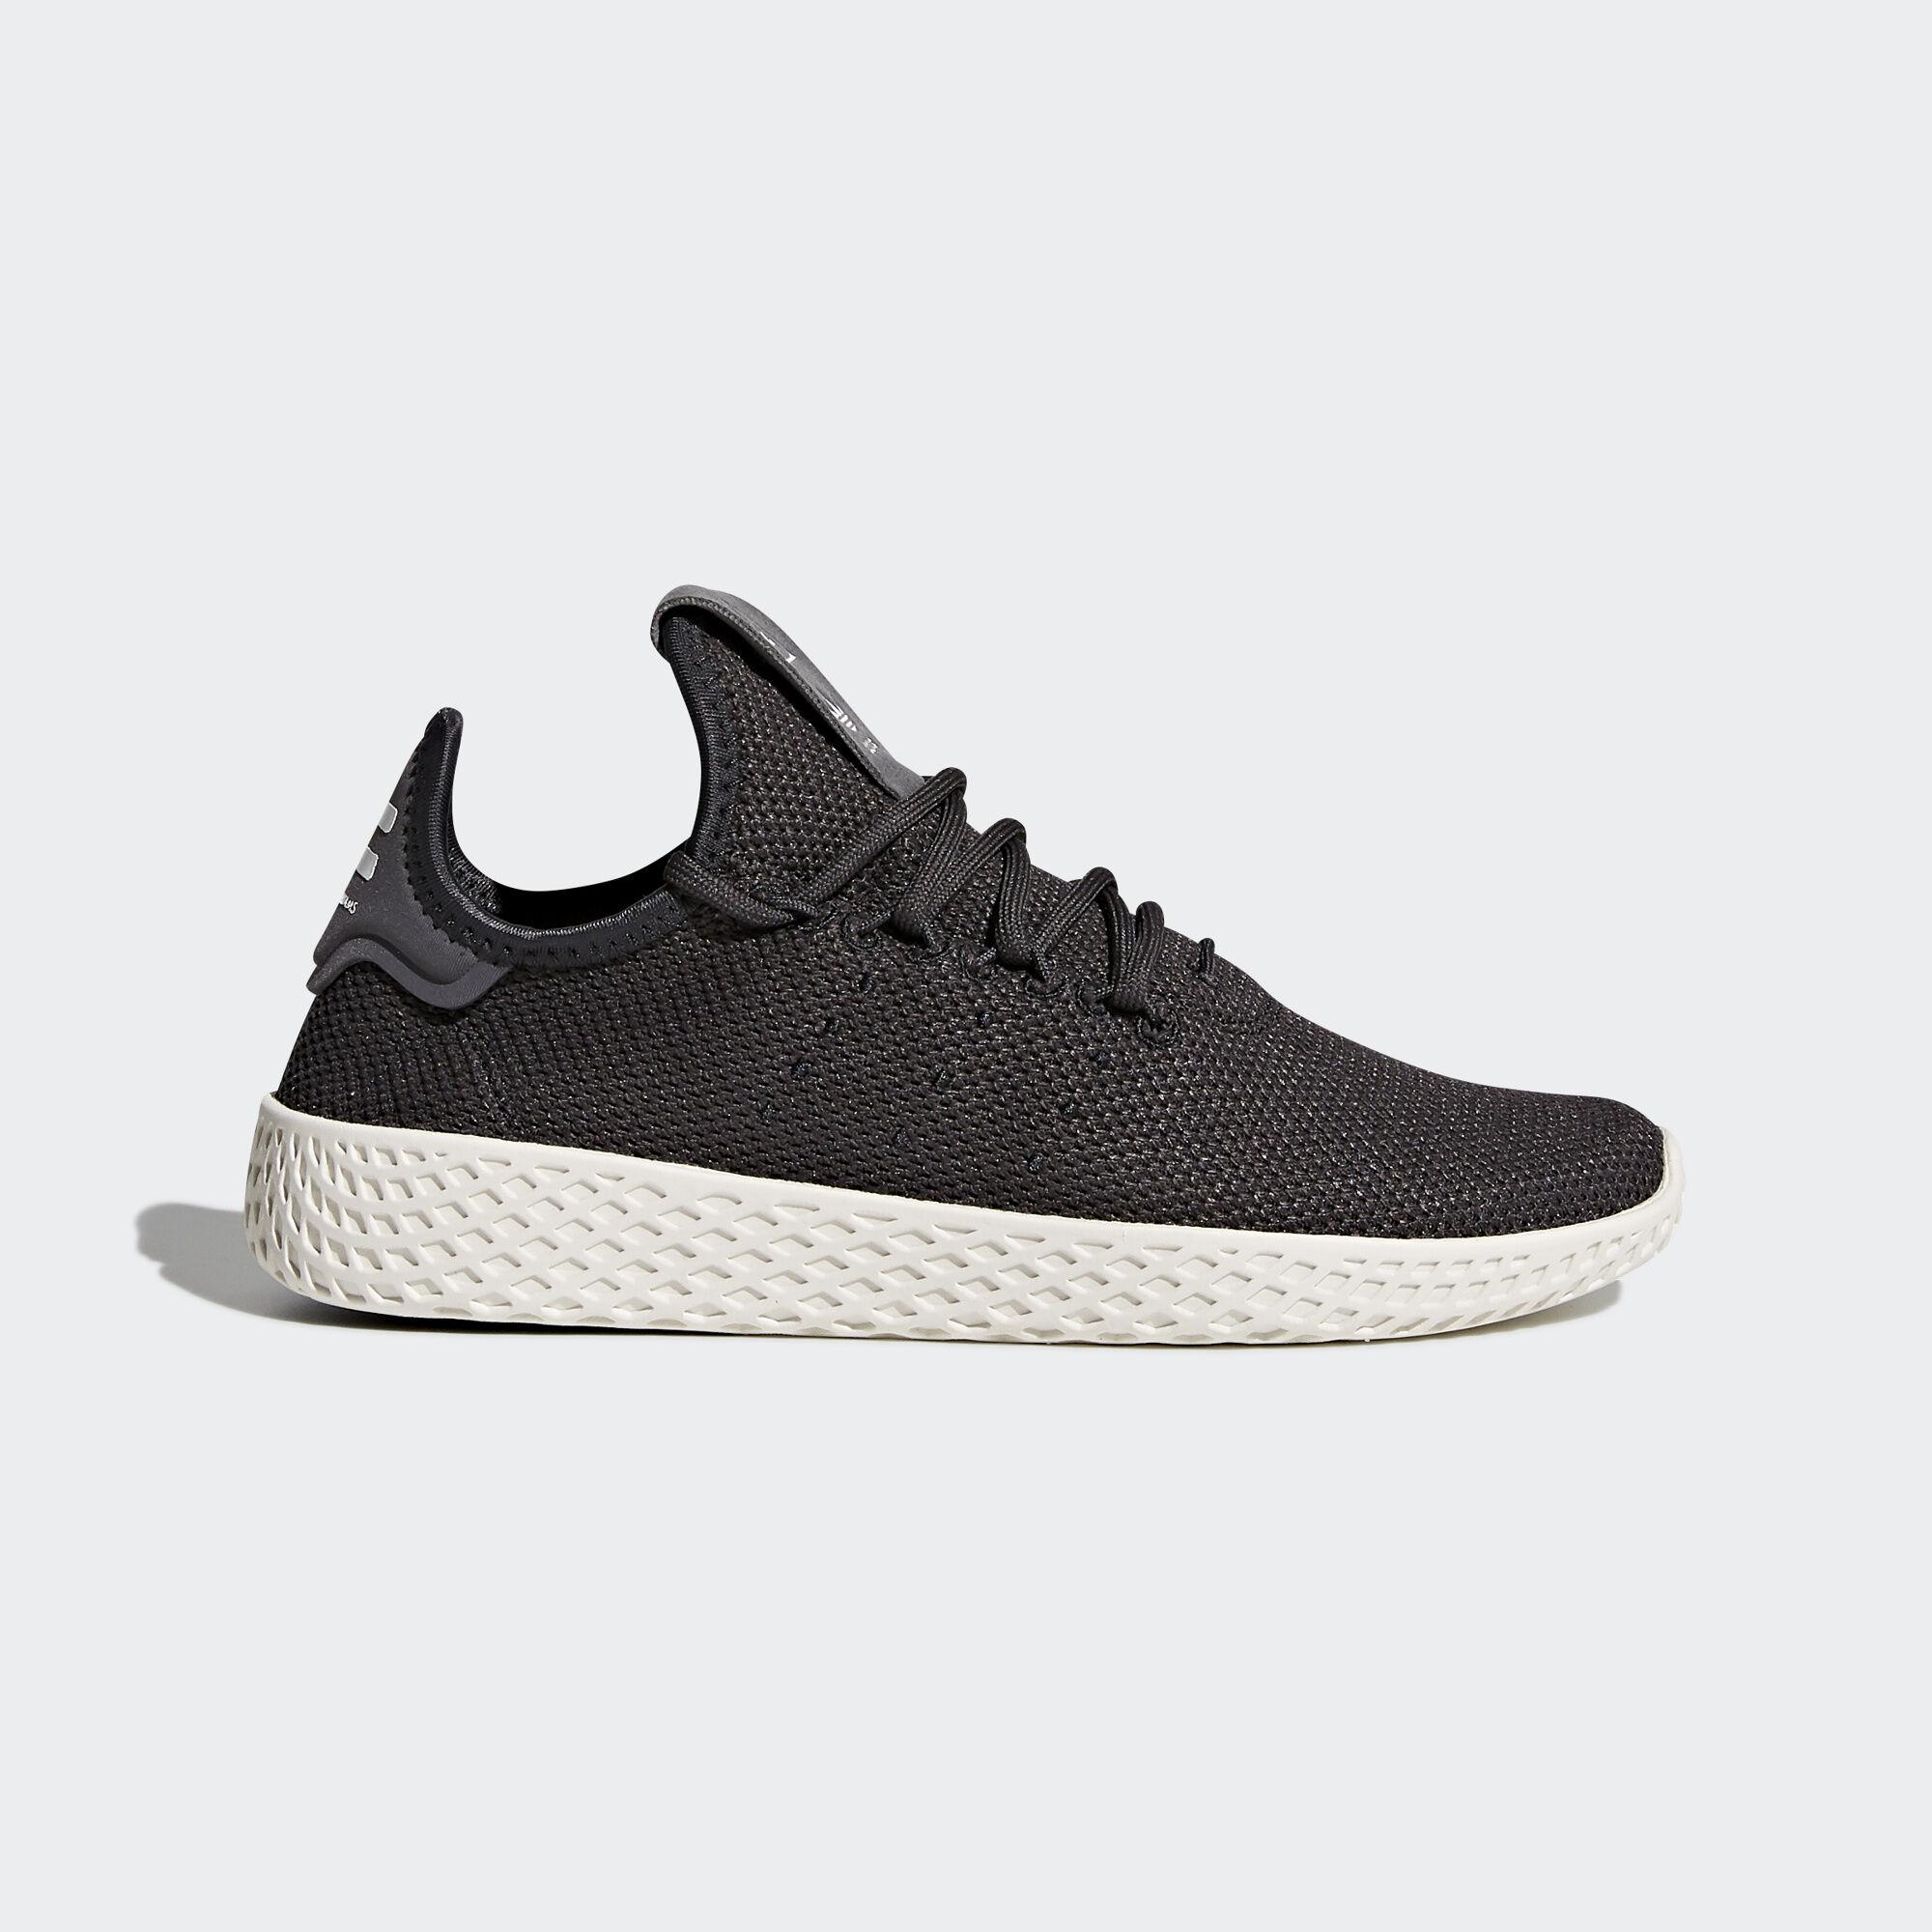 adidas - Pharrell Williams Tennis Hu Shoes Carbon/Carbon/Chalk White CQ2297